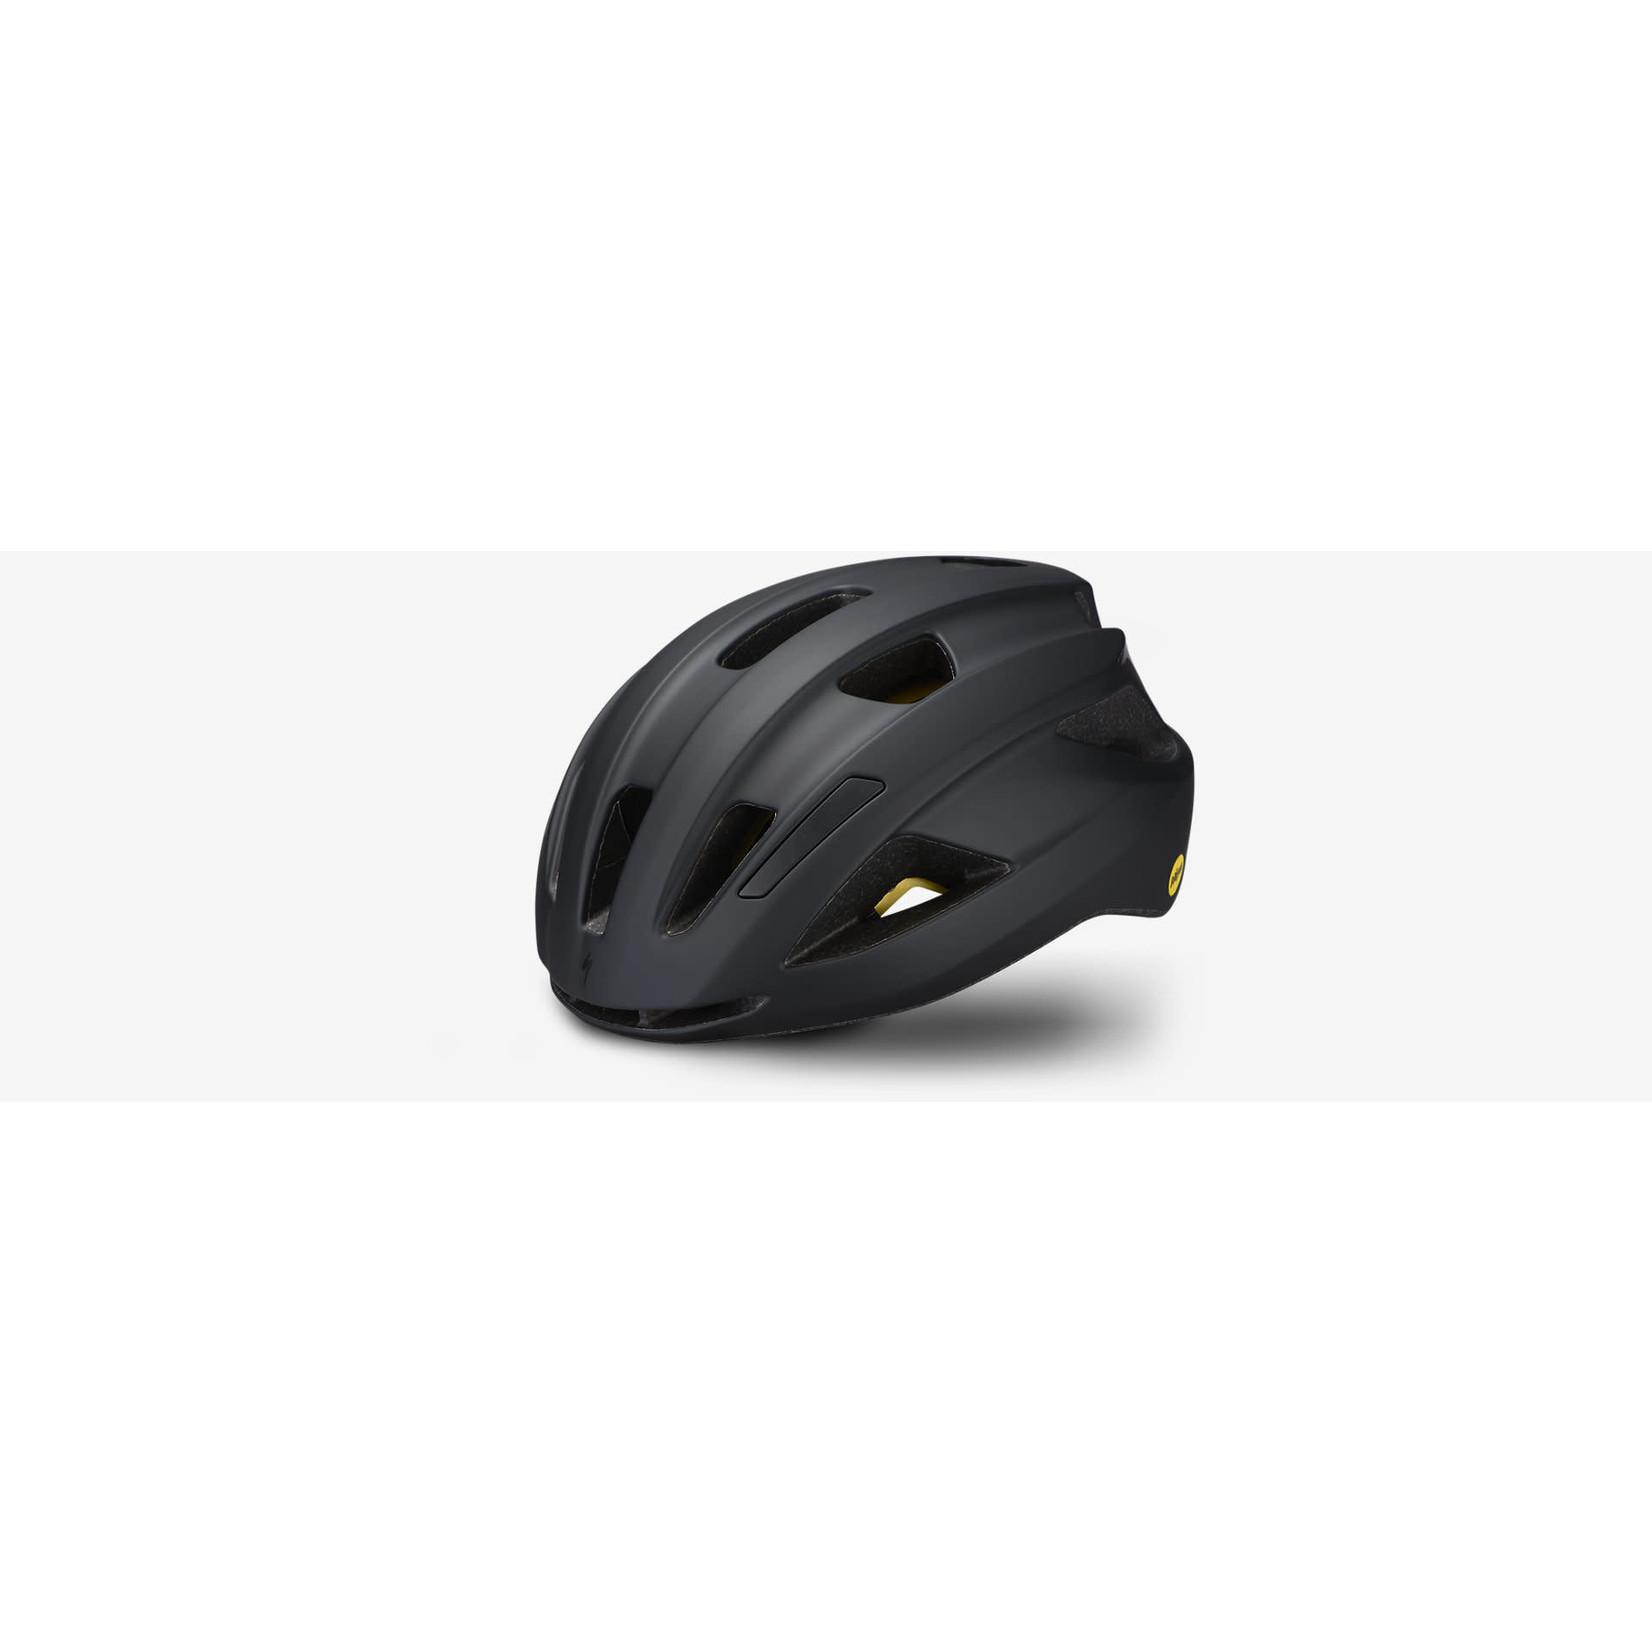 Specialized Specialized Align II Helmet, Black, XL